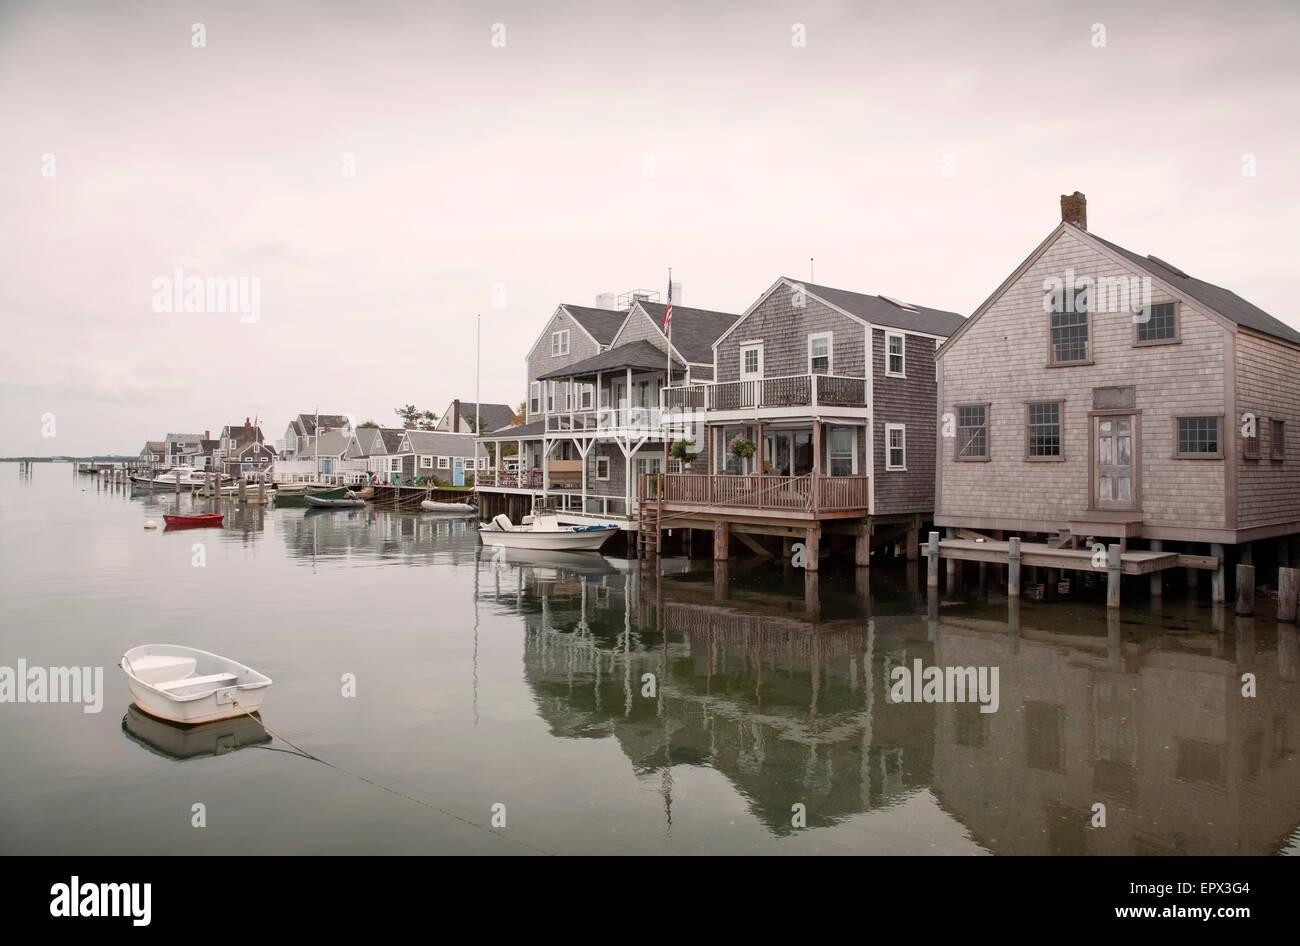 USA, Massachusetts, Nantucket, Vieux quai nord, des bateaux et des maisons sur pilotis Photo Stock